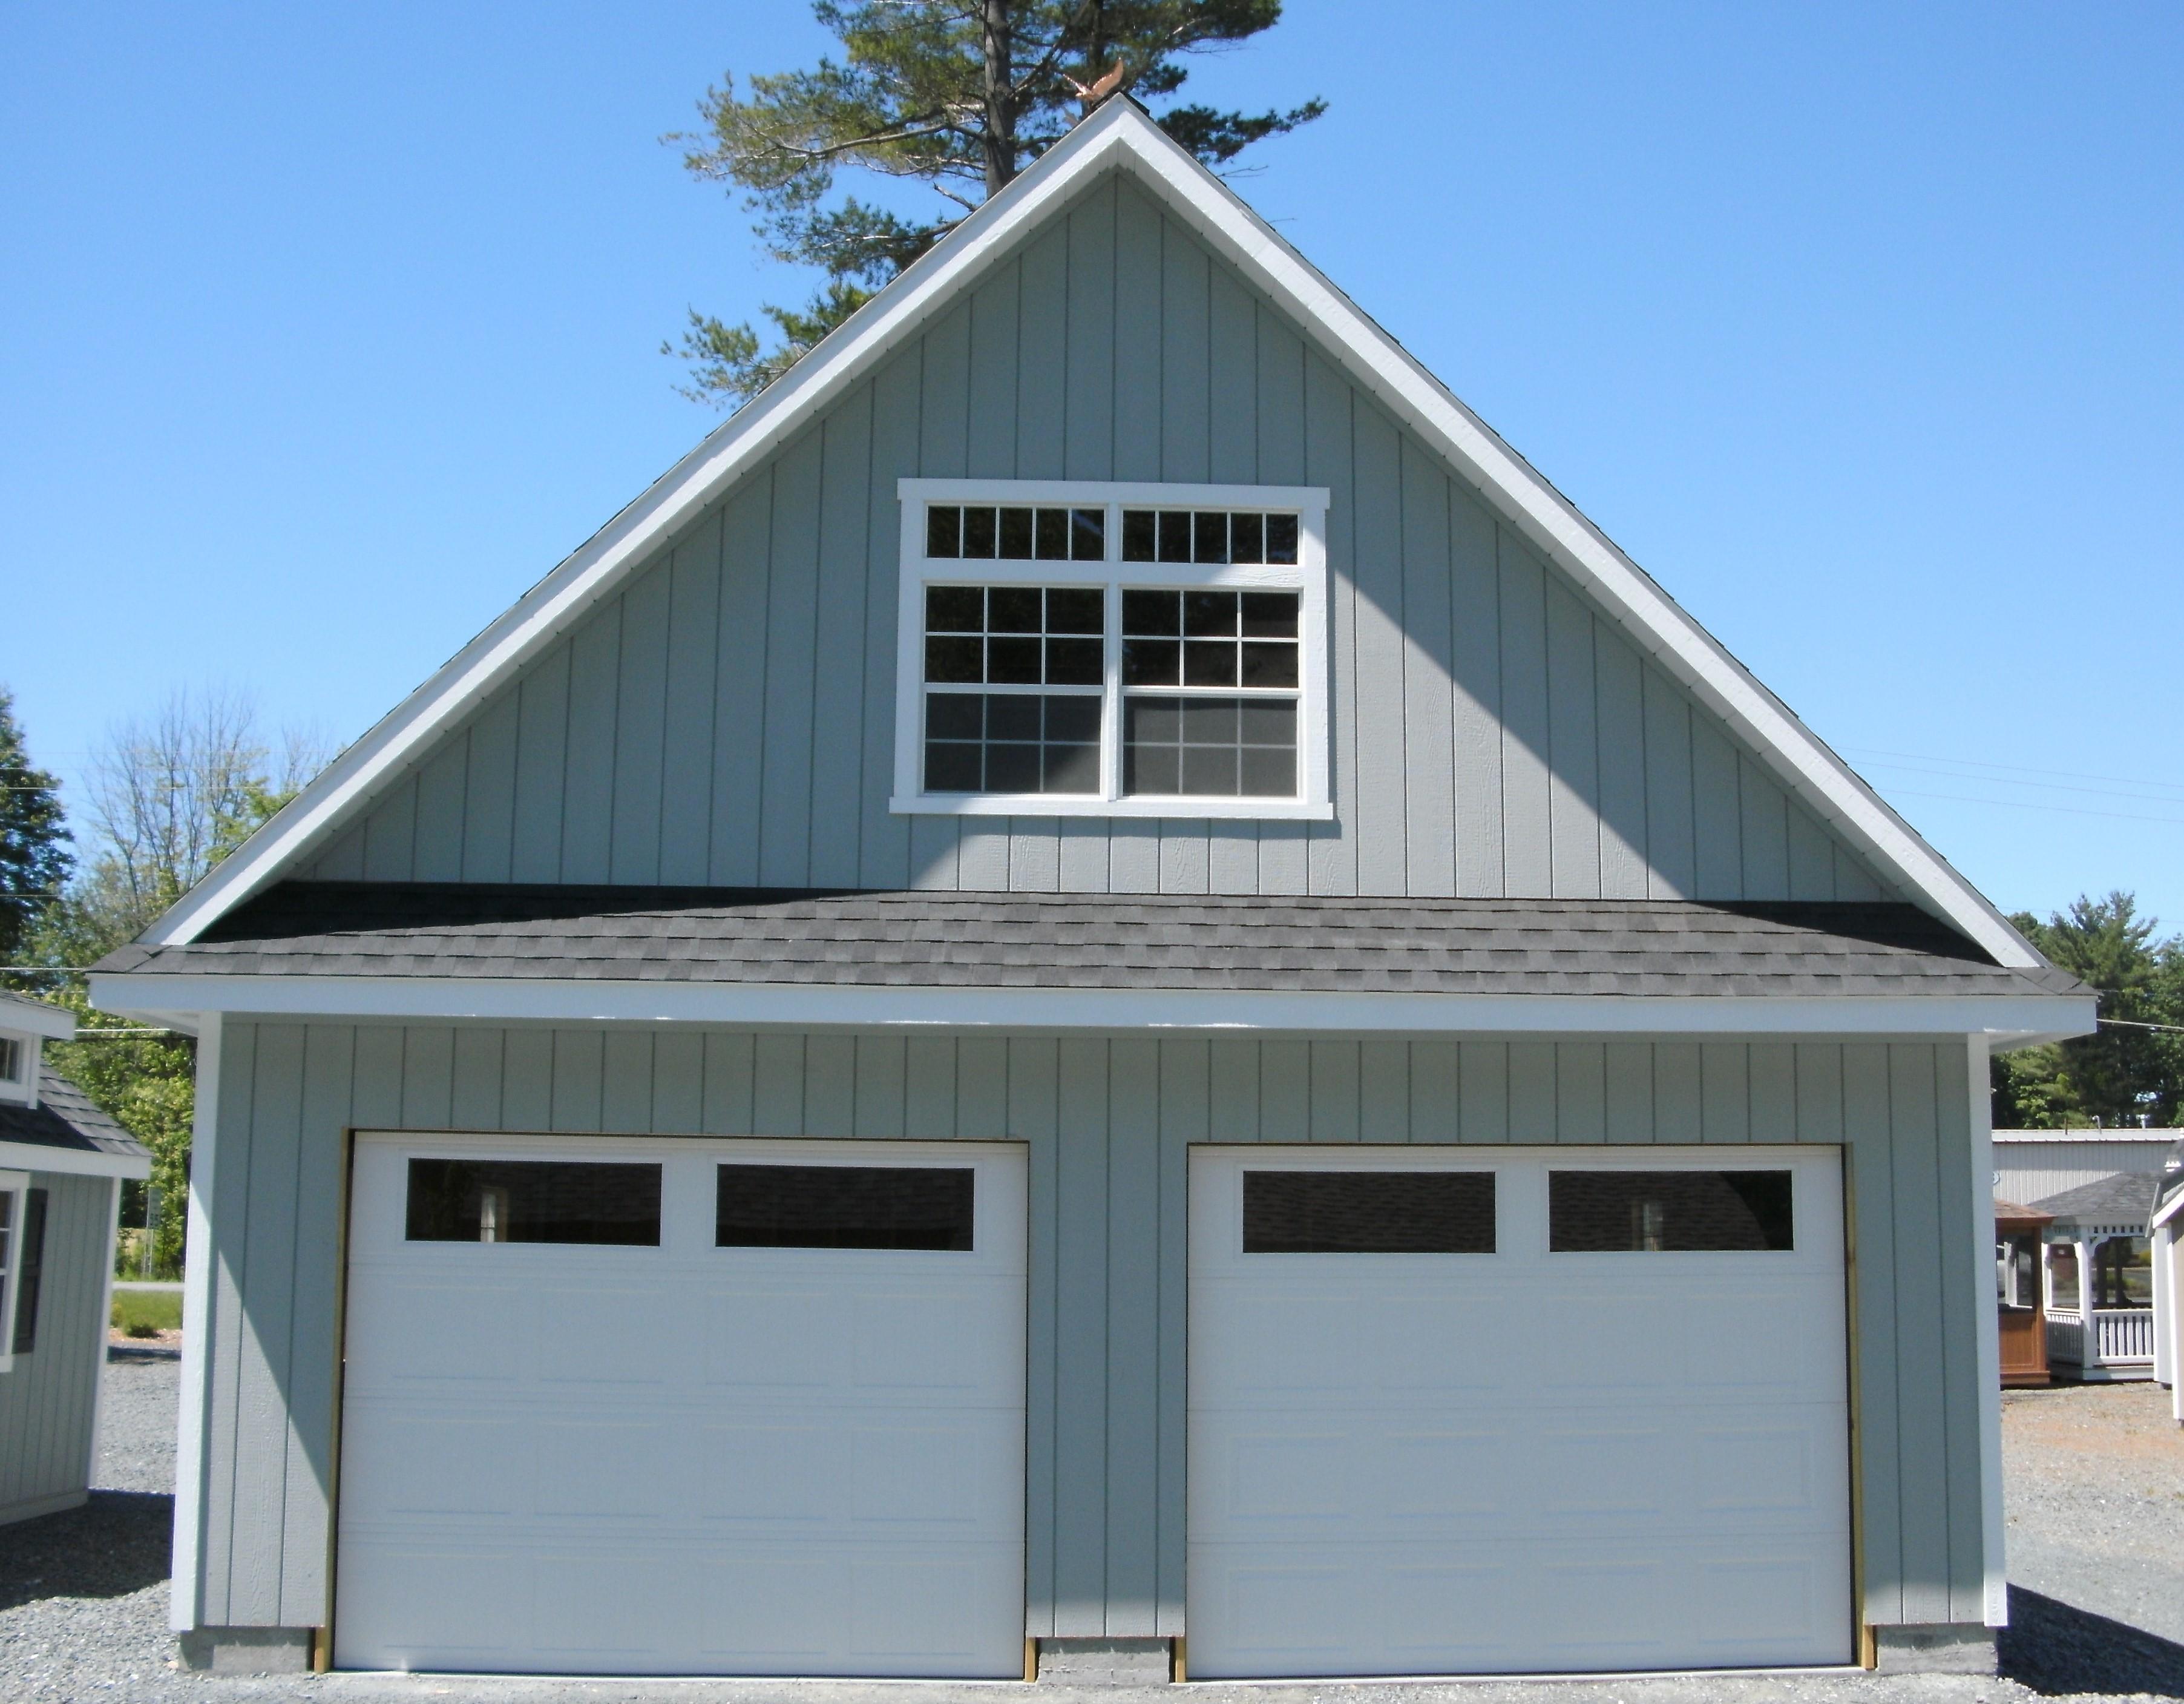 24' X 24' Duratemp Garage : Image 2